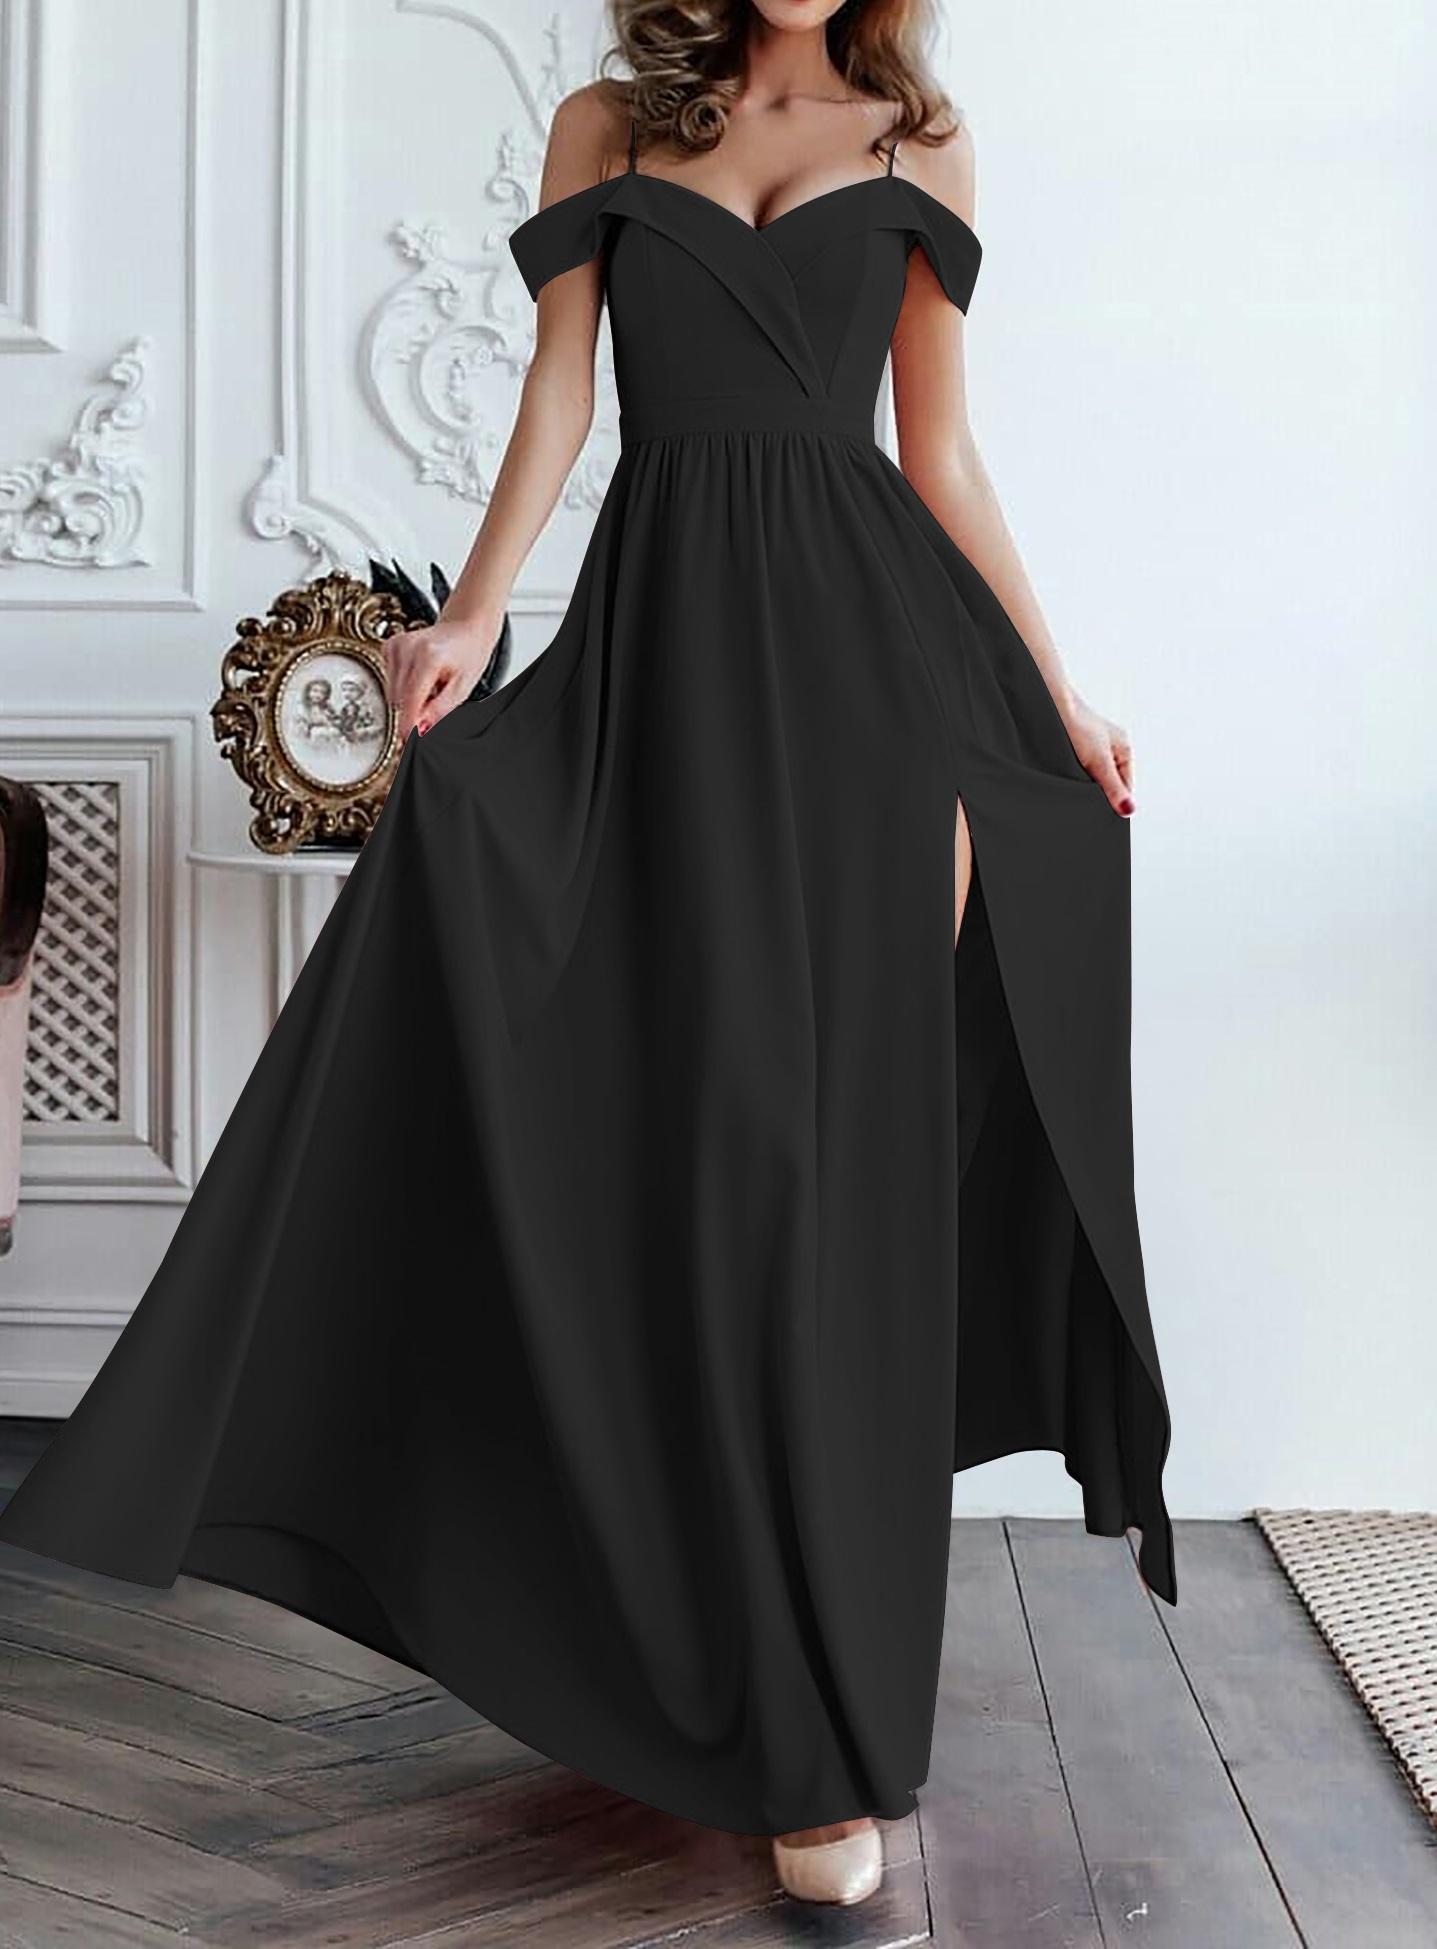 468374847e US$ 10.01 - Plain Color Off Shoulder Maxi Dress with Side Split -  www.global-lover.com